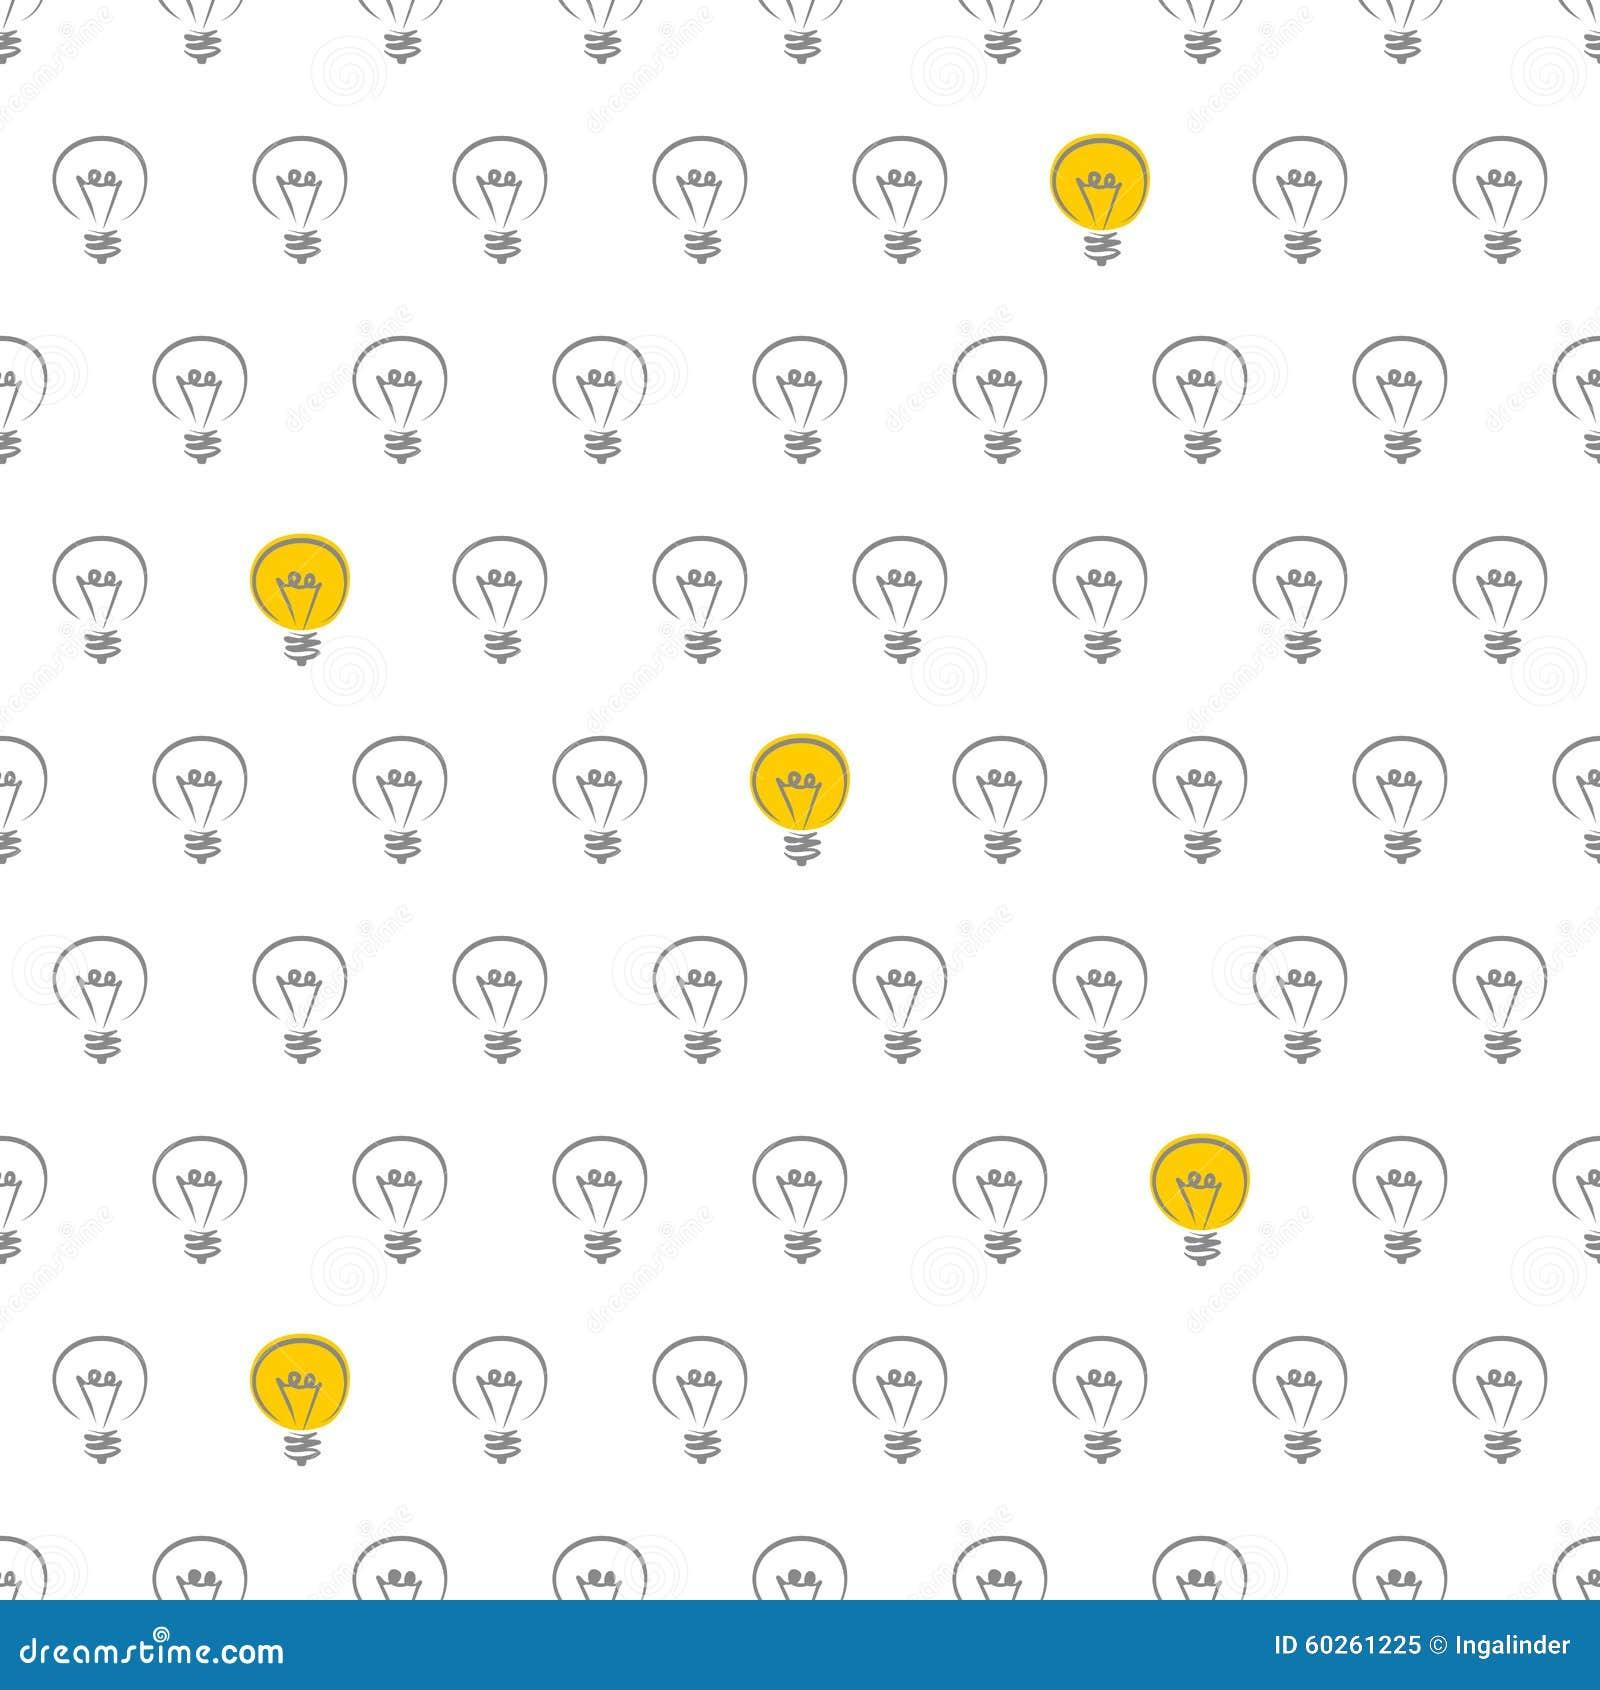 Light Bulb Wallpaper: Tile Vector Pattern With Light Bulbs On White Background